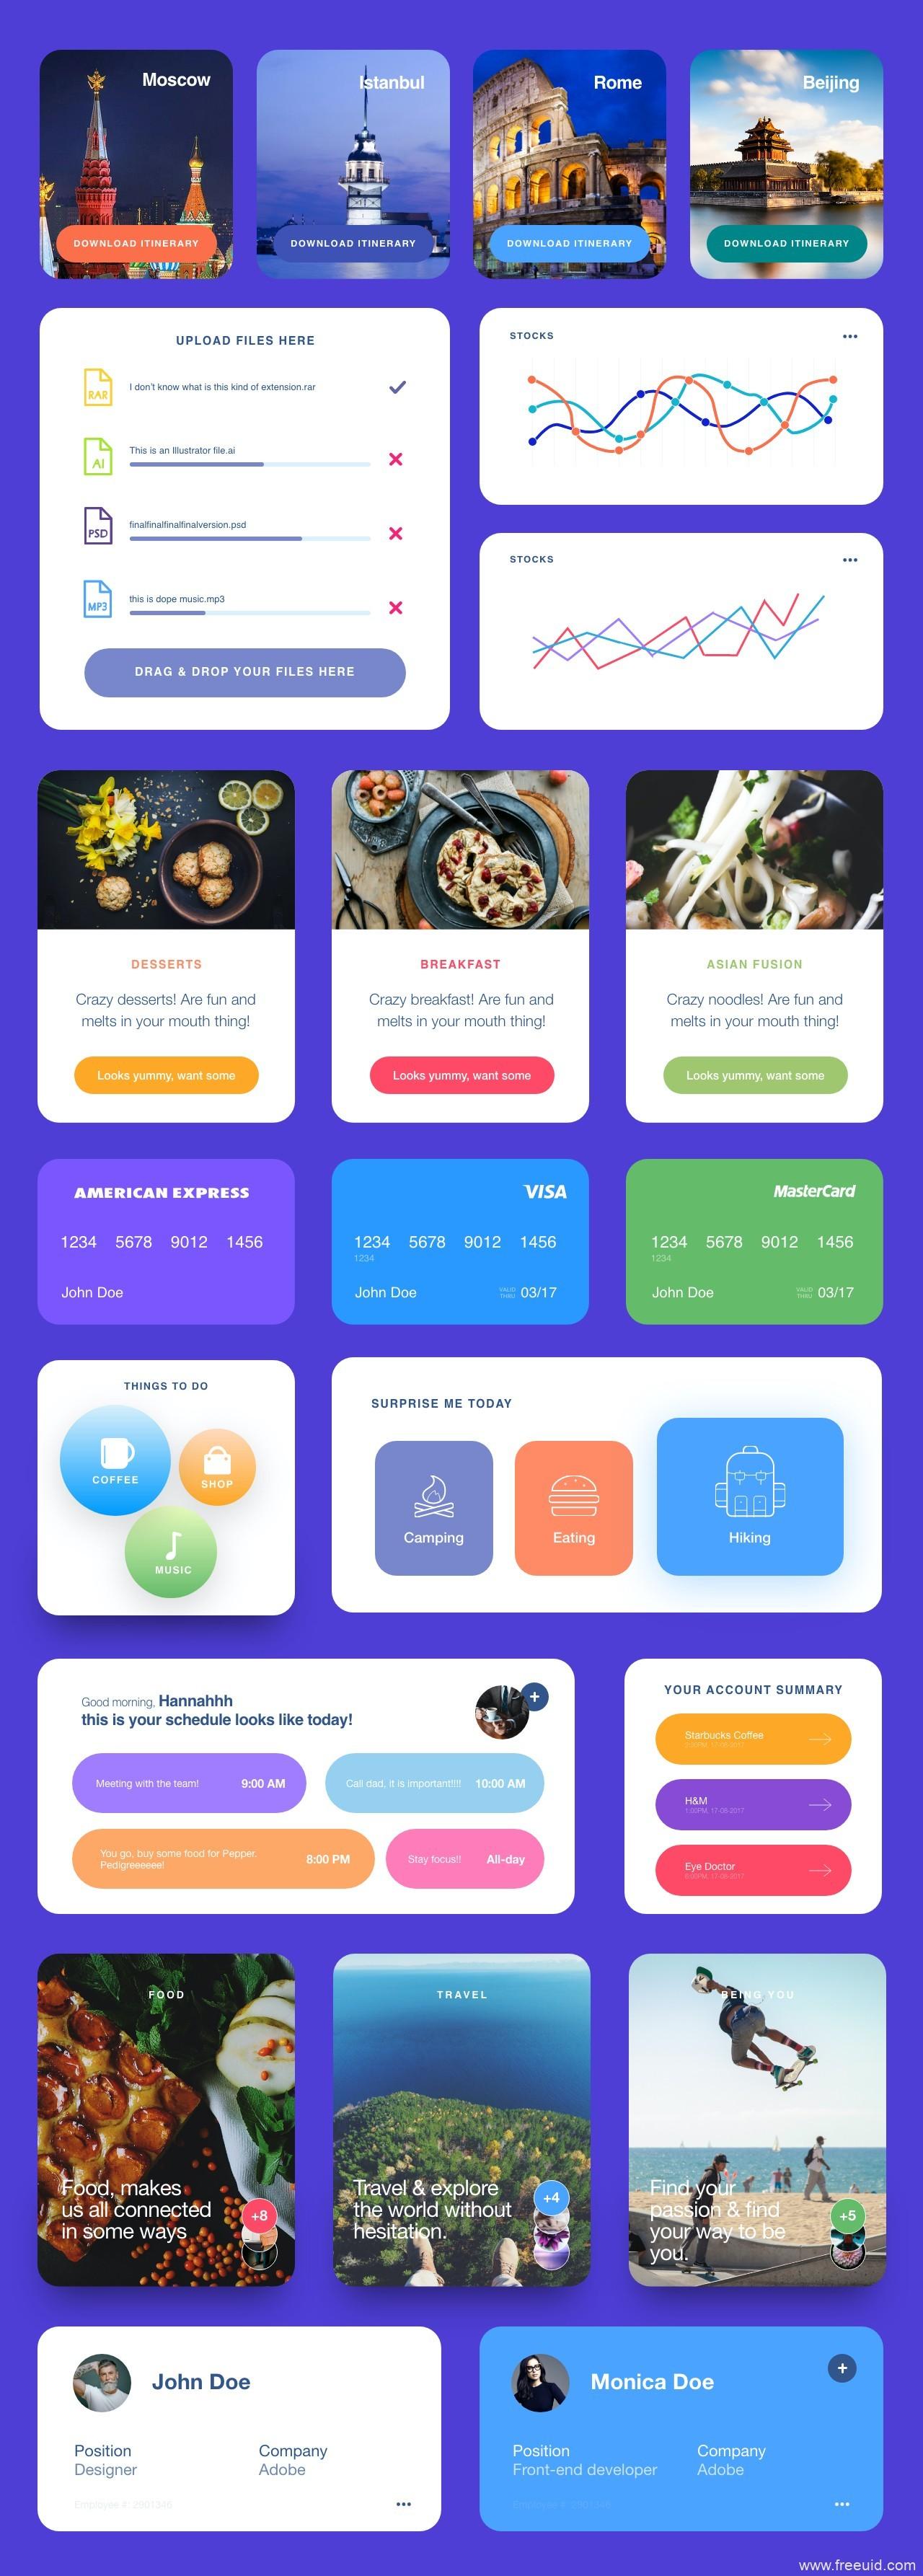 一组最新大圆角卡片风UI源文件下载,大圆角UI素材下载,卡片UI资源xd源文件